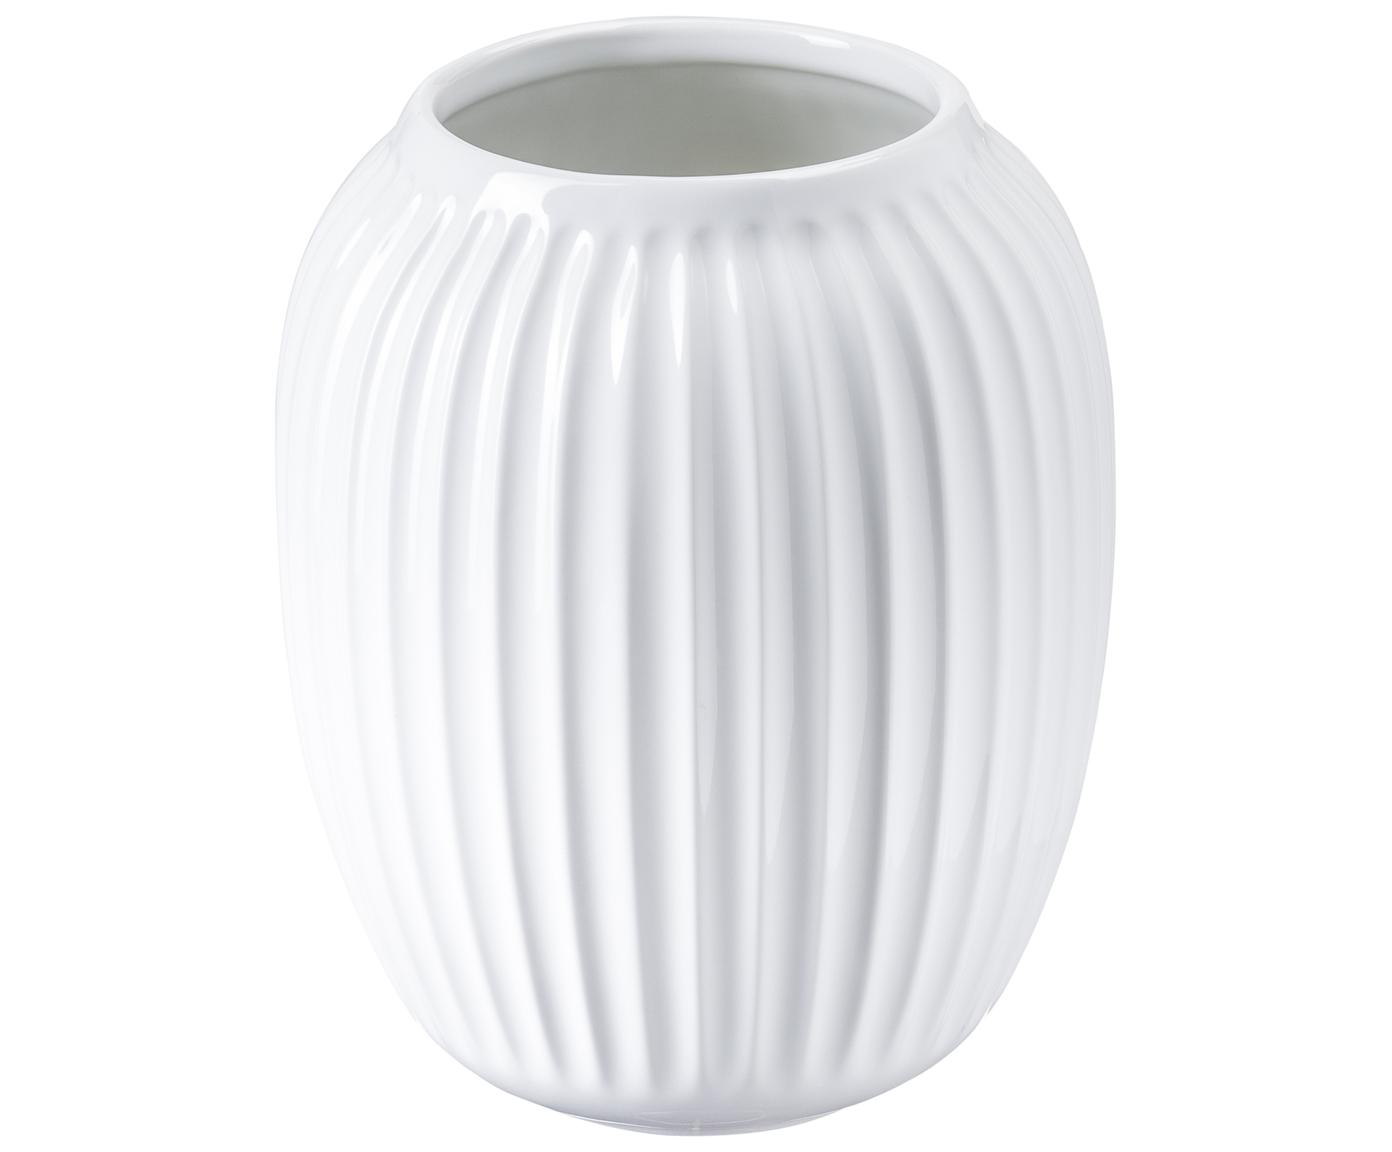 Handgefertigte Design-Vase Hammershøi, Porzellan, Weiss, Ø 17 x H 20 cm